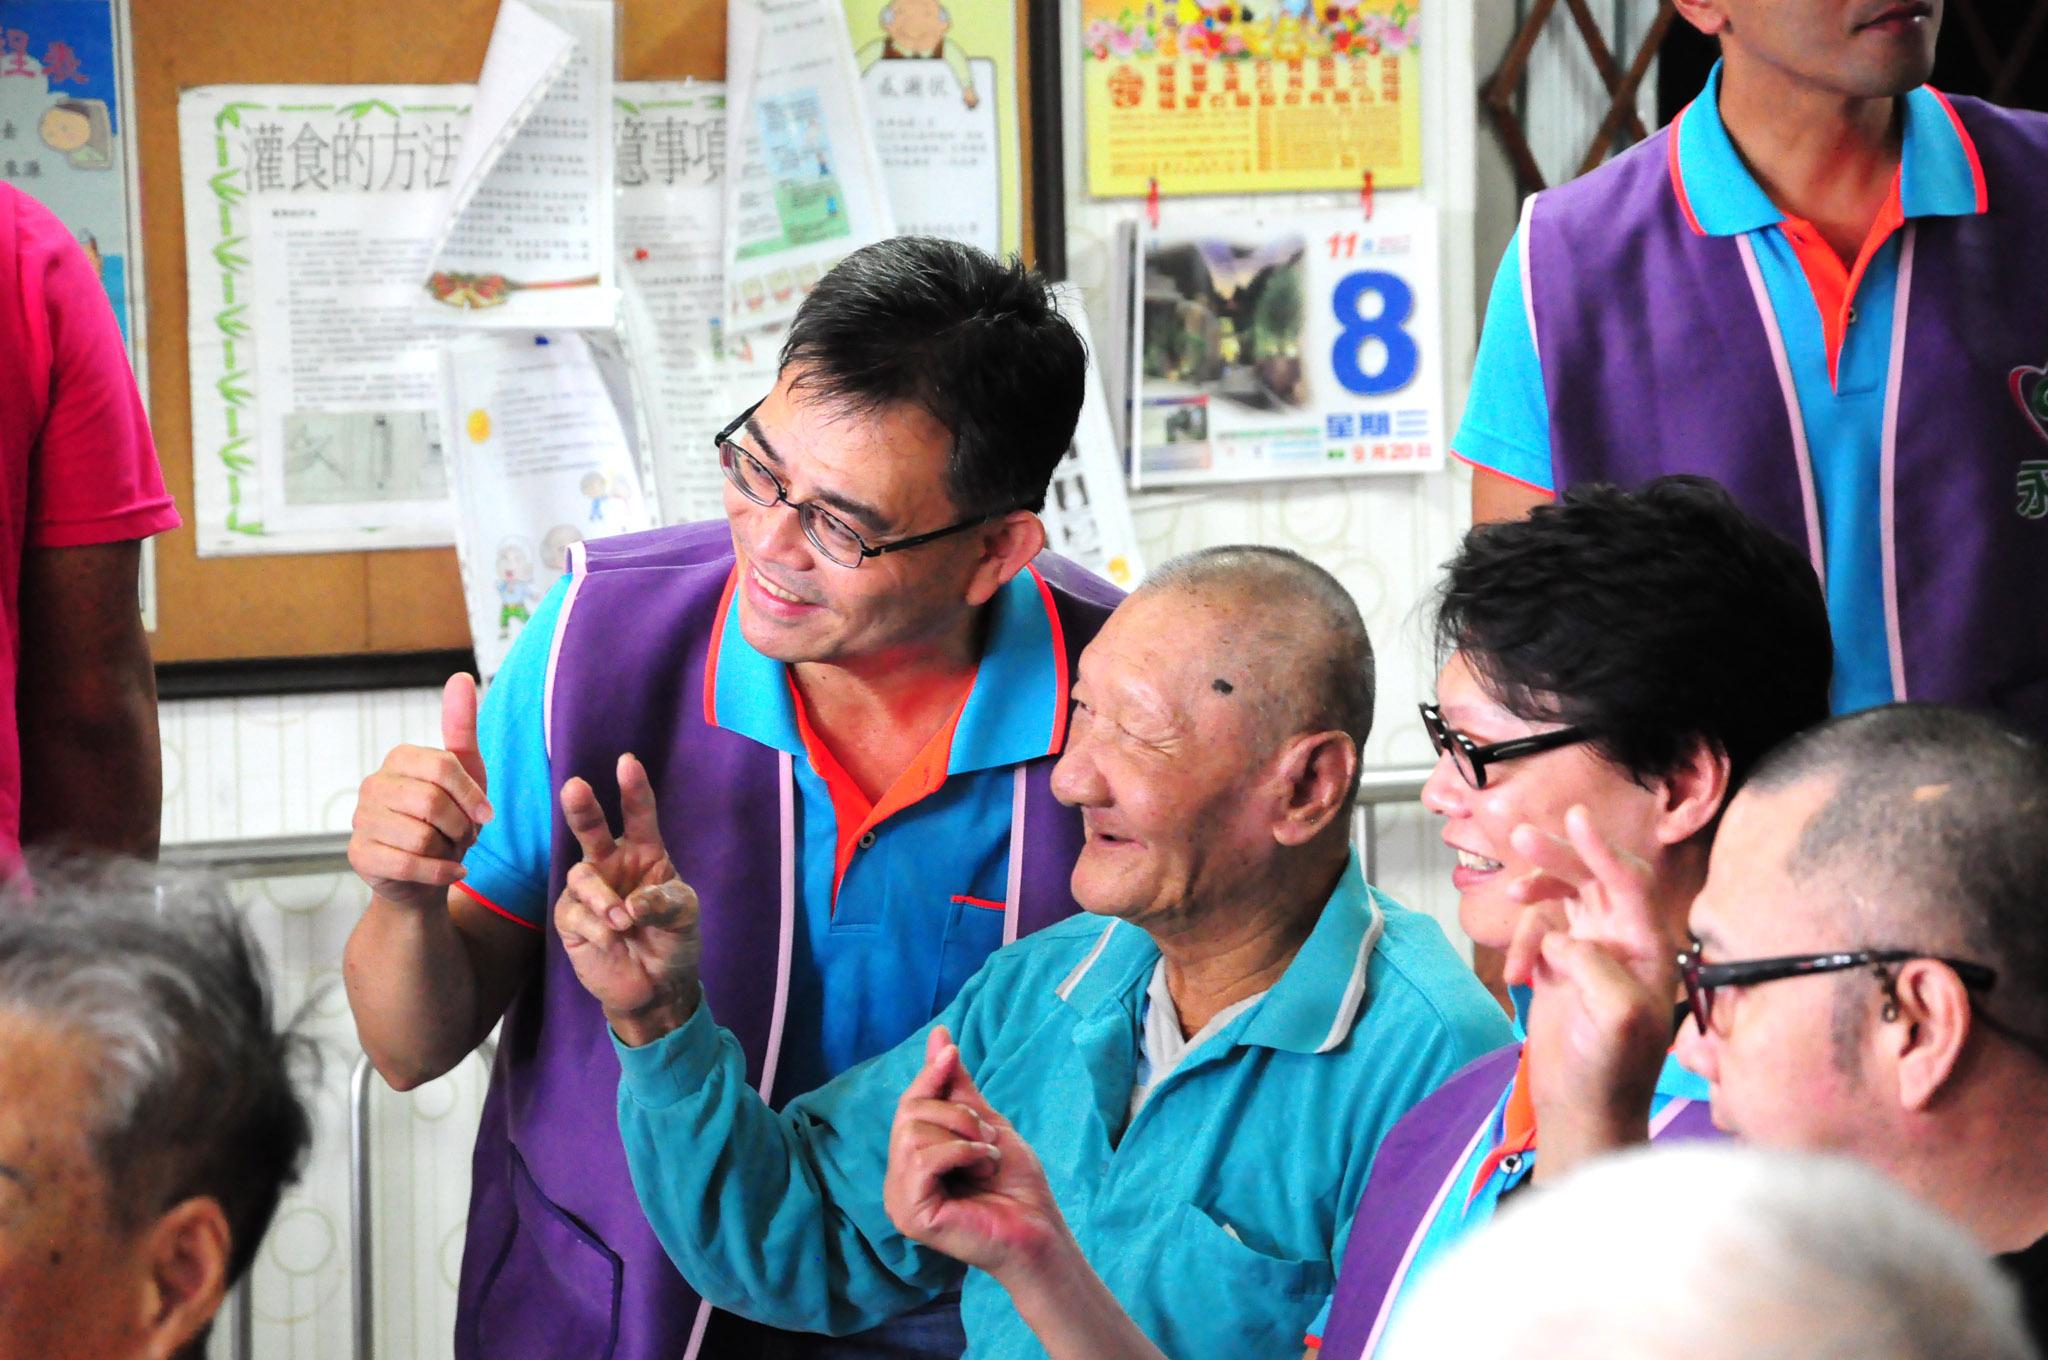 看到爺爺奶奶臉上展露出的笑容,志工們的心也富裕了。